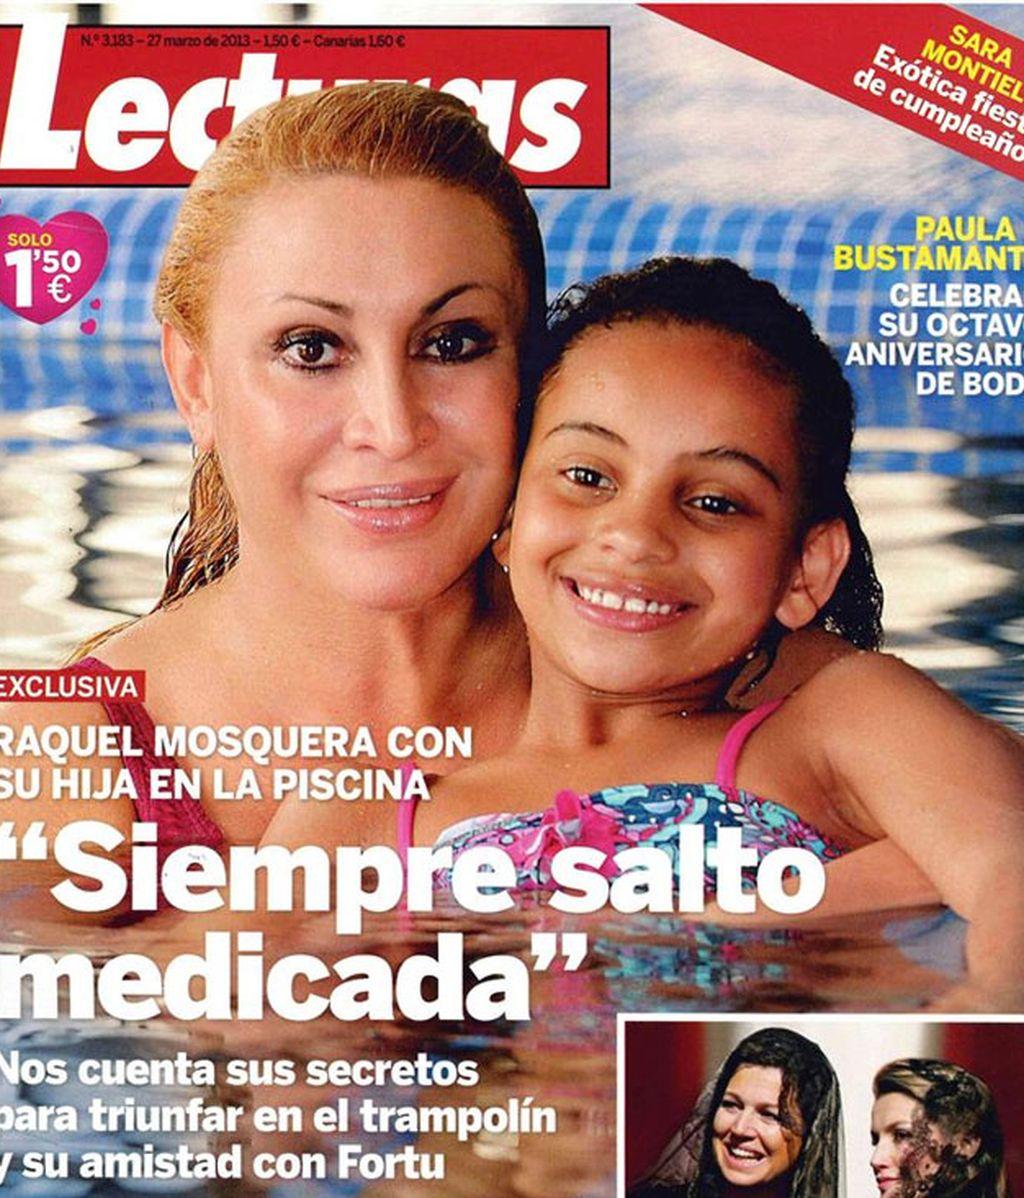 Raquel Mosquera salta medicada